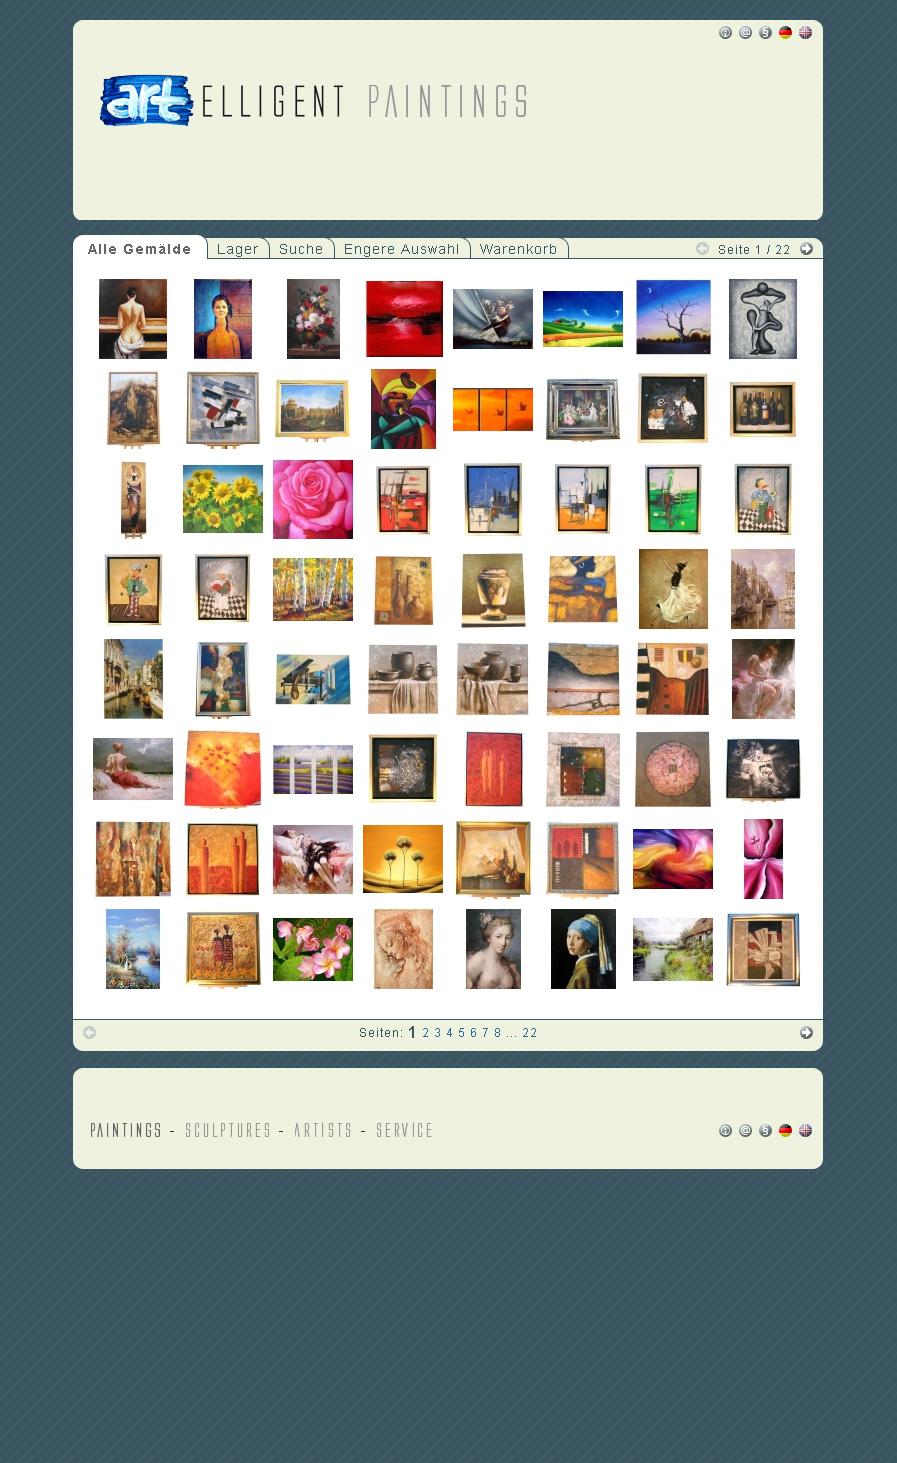 Artelligent-Gallery.de. Shop für Gemälde aus China. Mit selbstprogrammiertem CMS und Shopsystem.